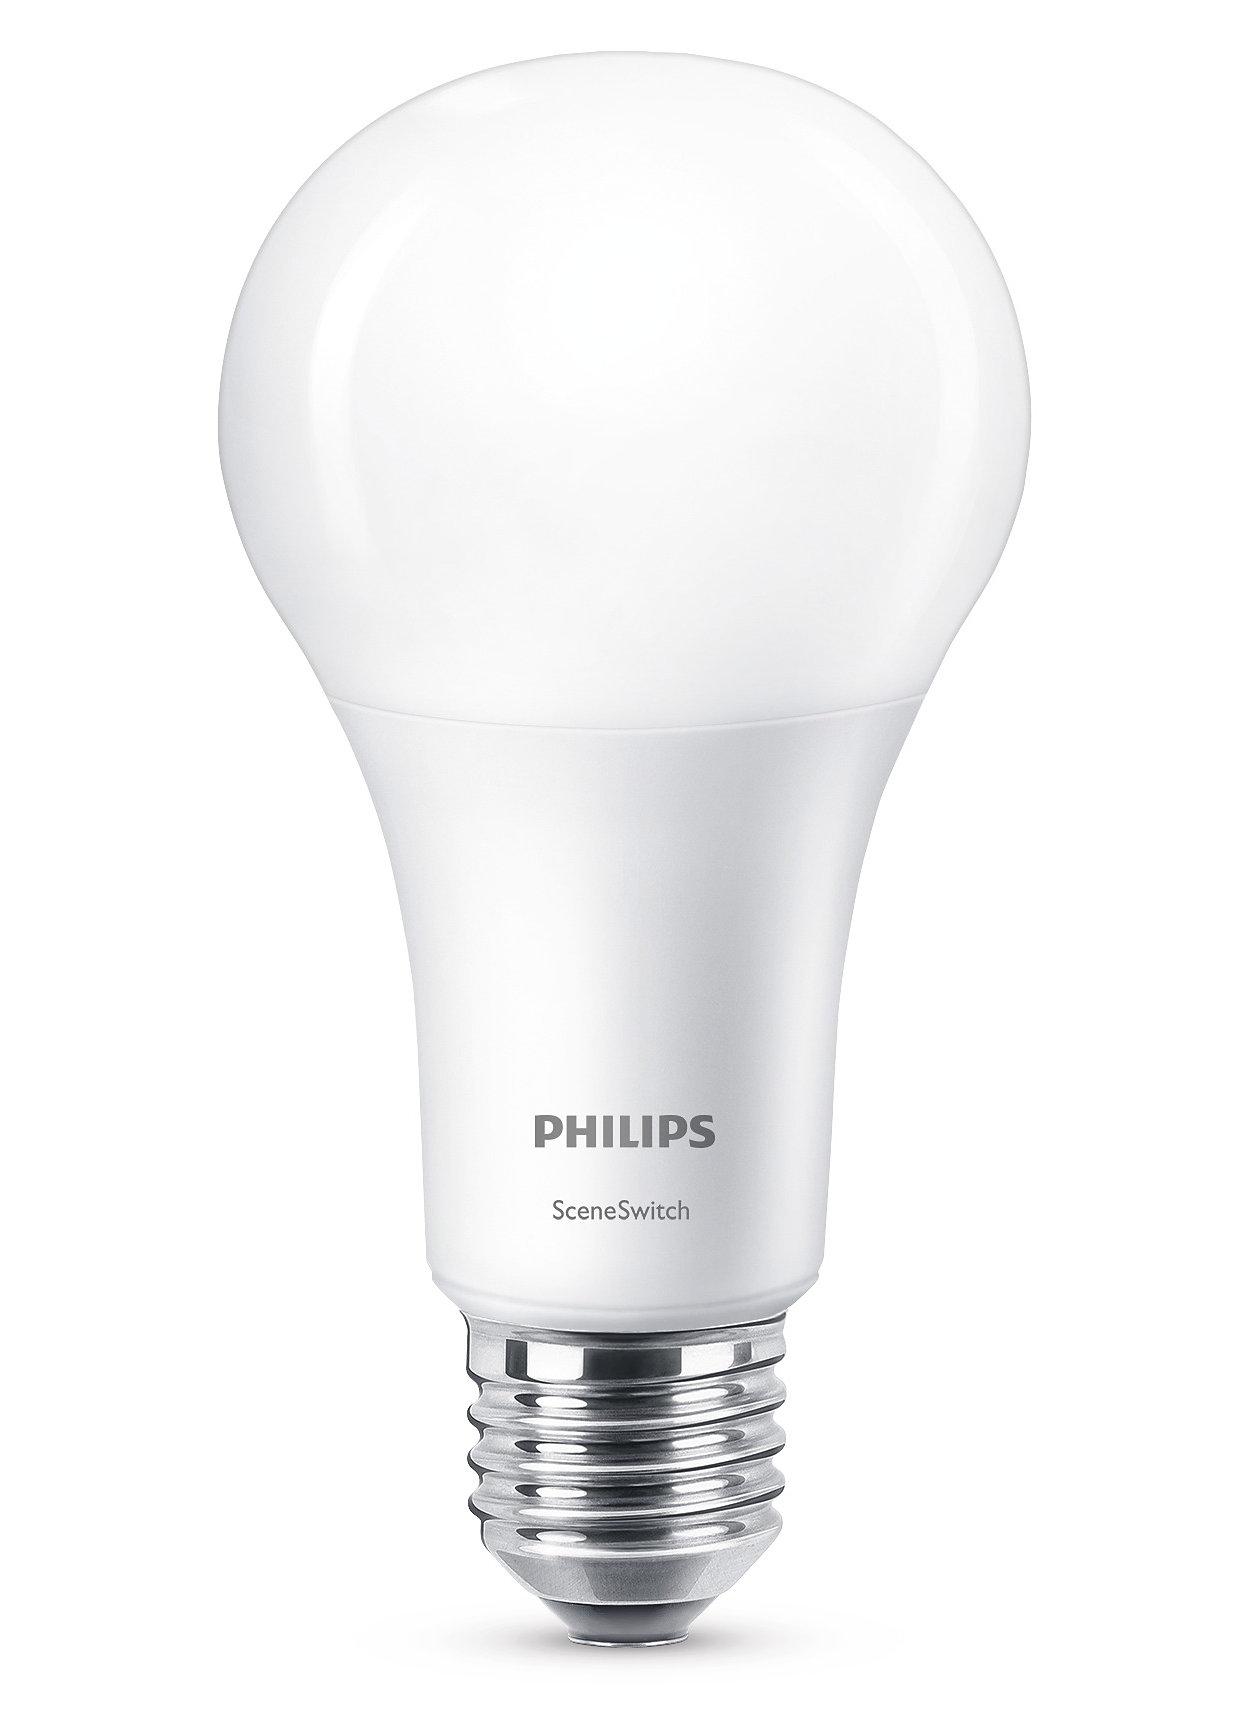 En lampe. Din lysbryter. Tre lysinnstillinger.